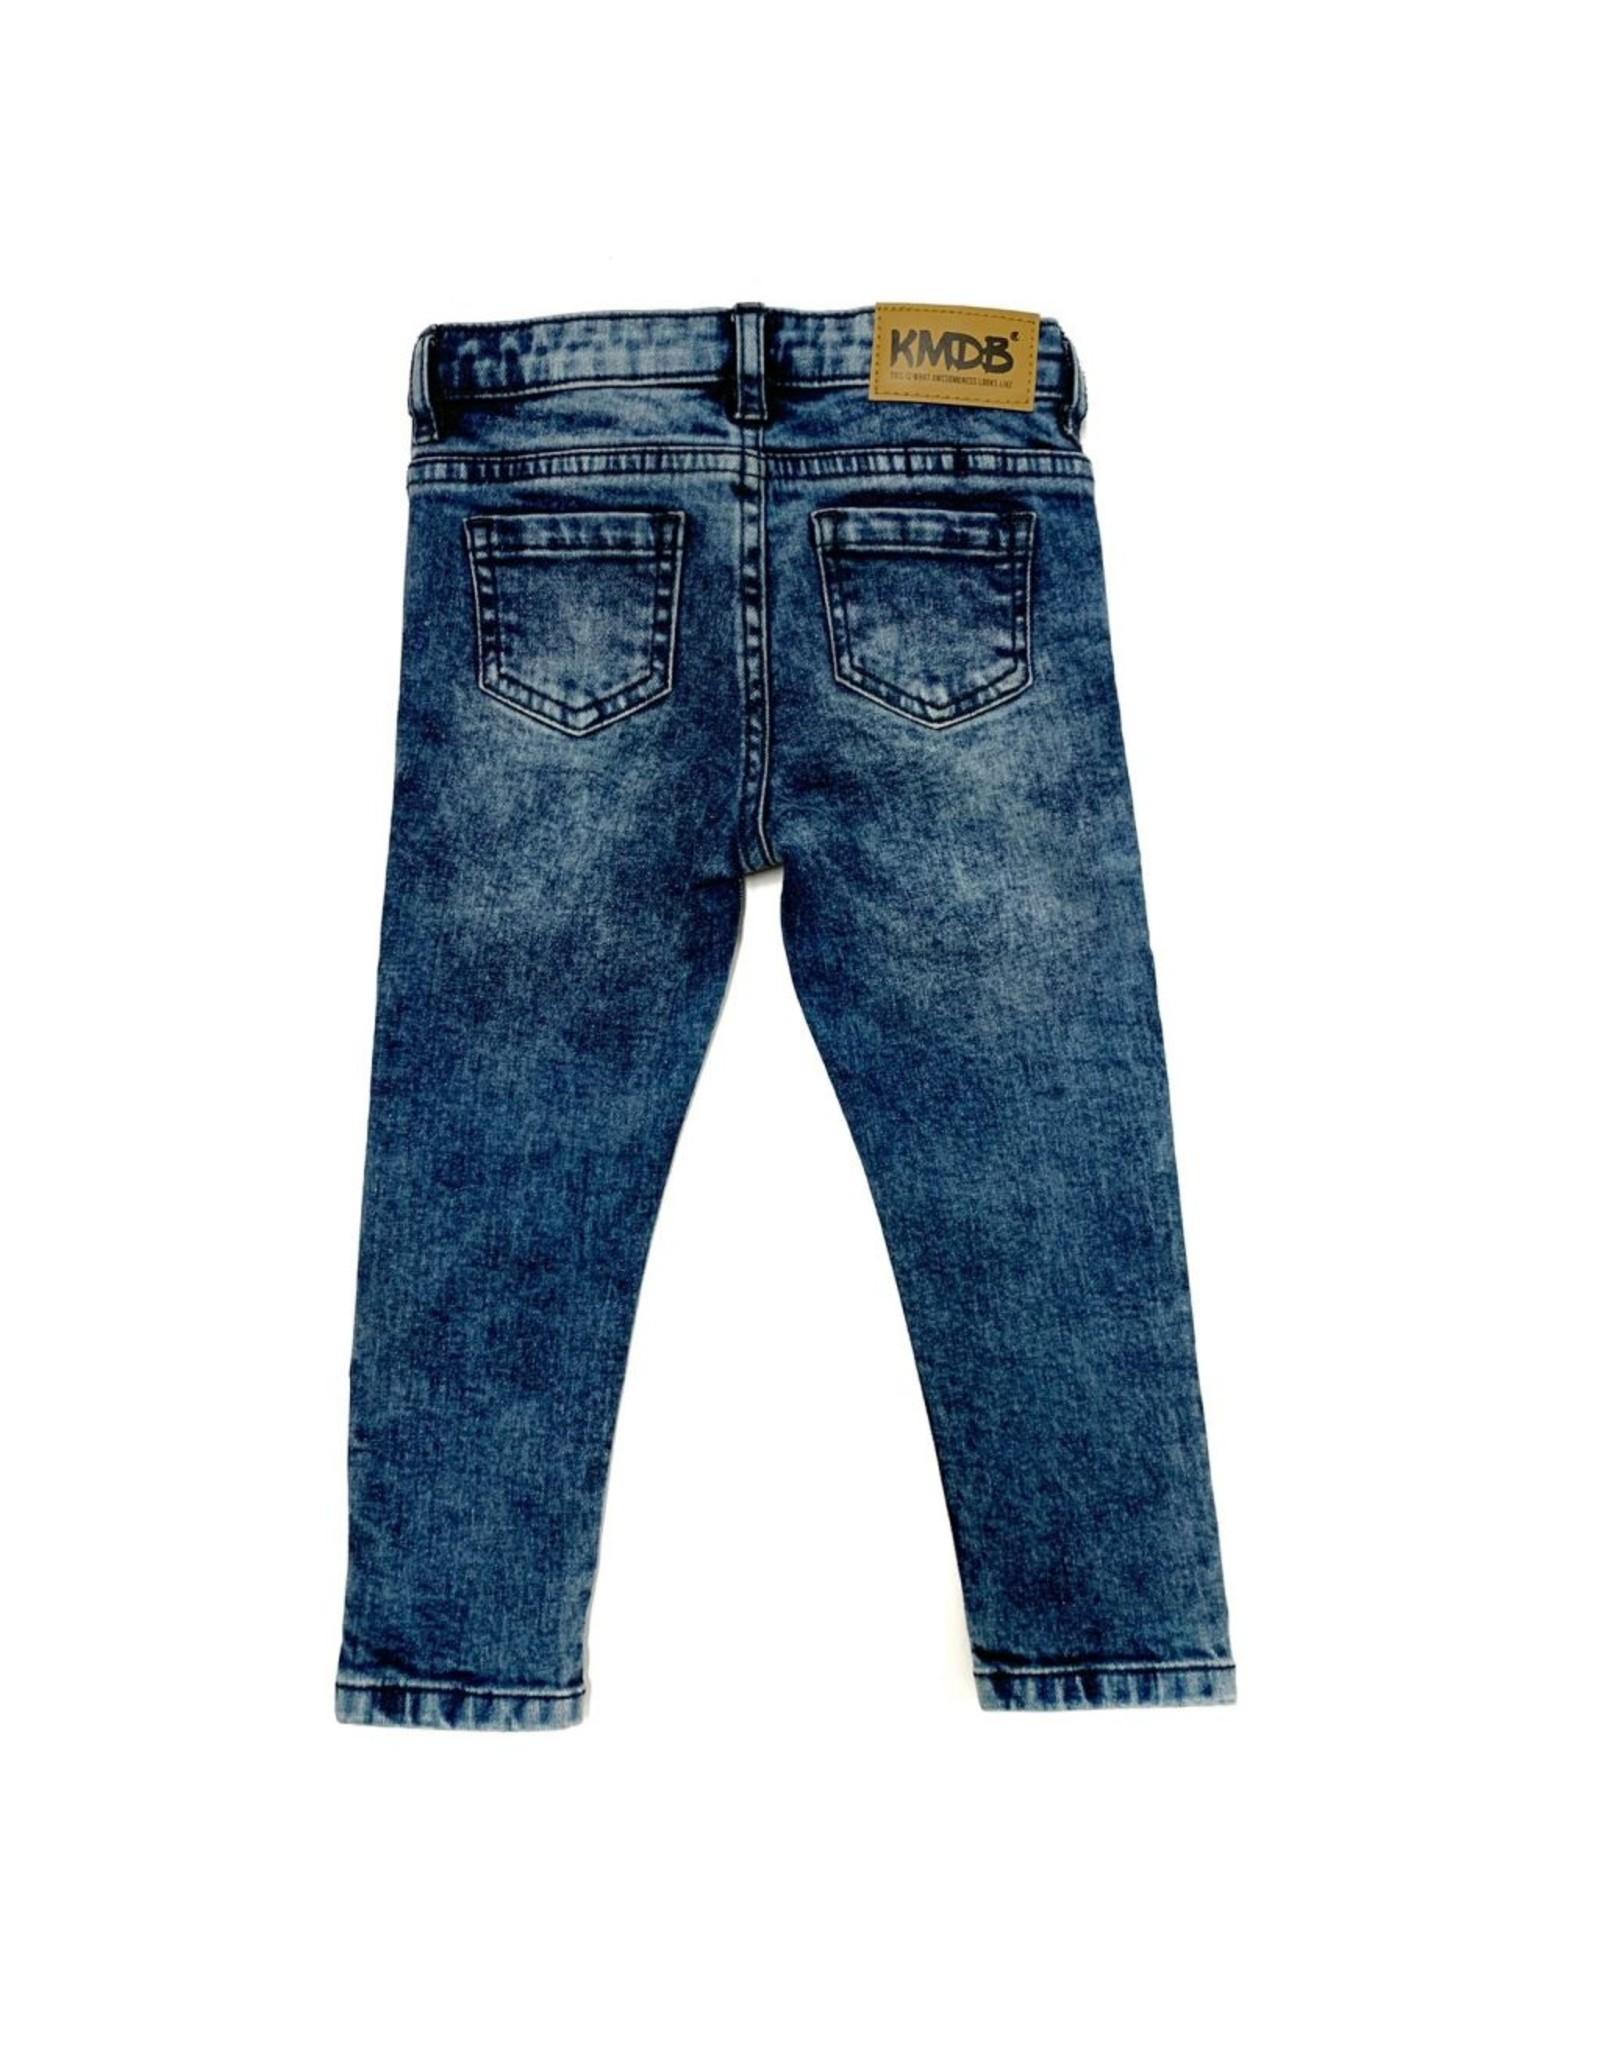 KMDB KMDB Baby Jeans Sky Blue